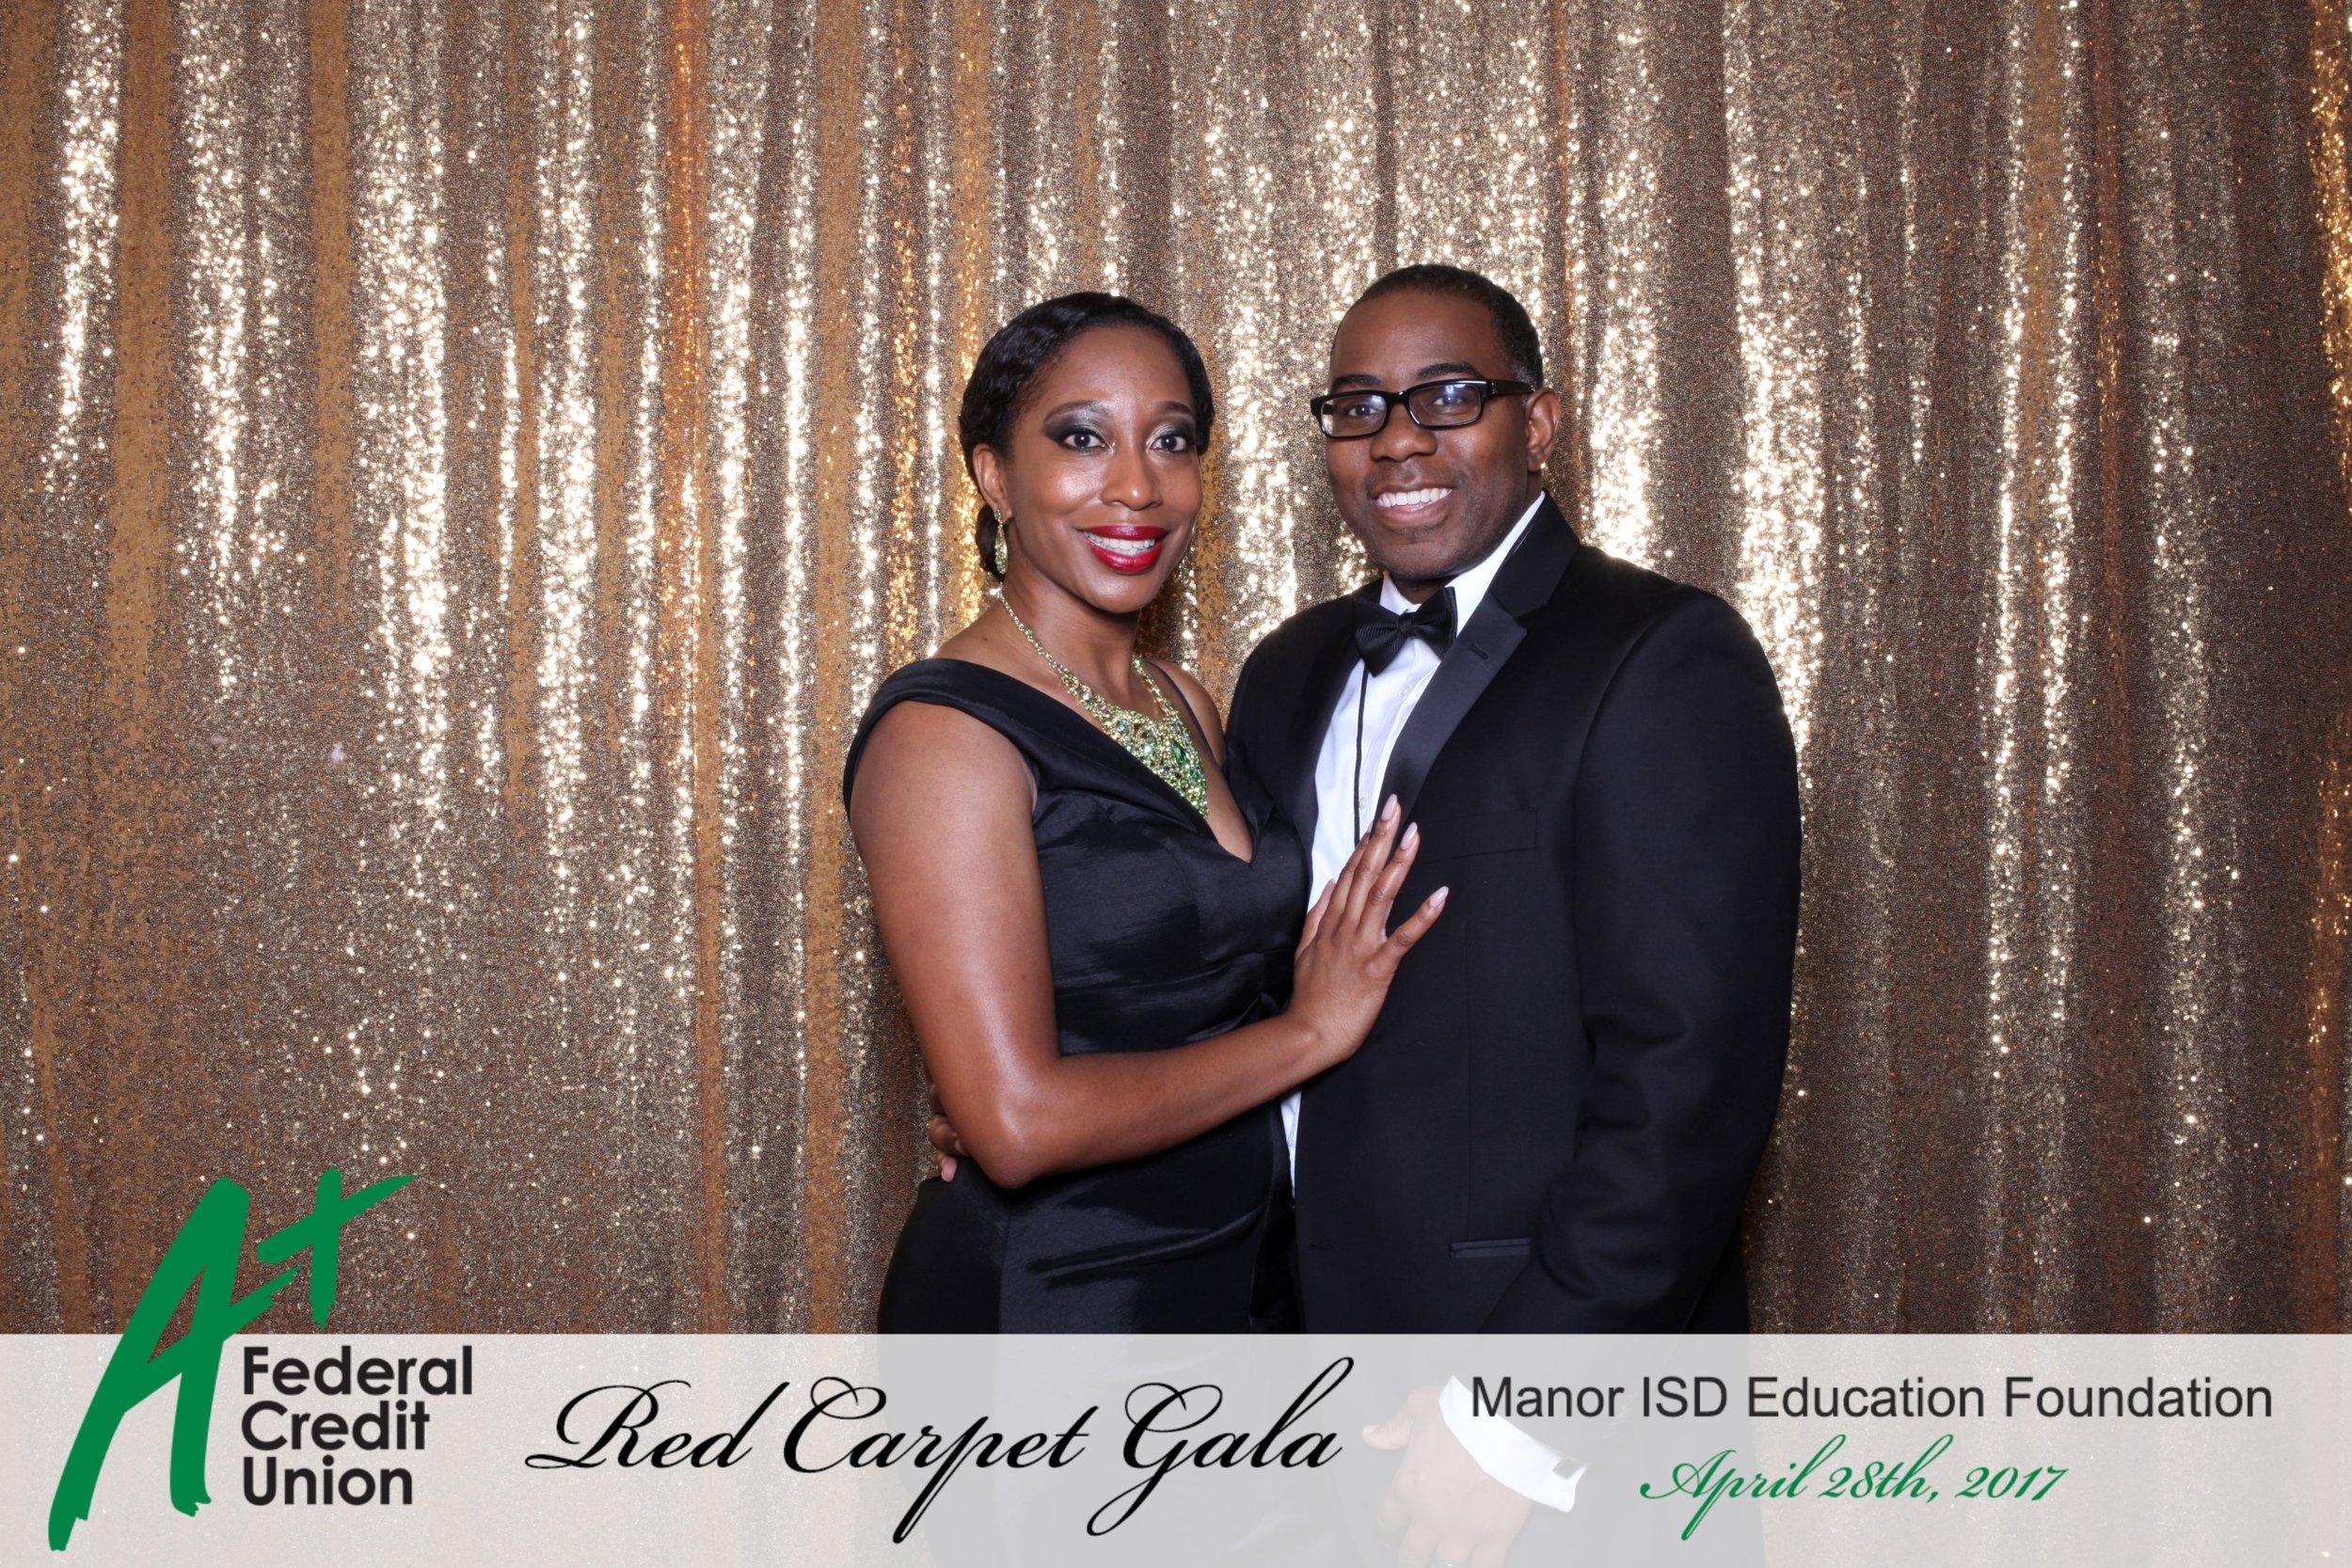 Red Carpet Gala - Manor ISD